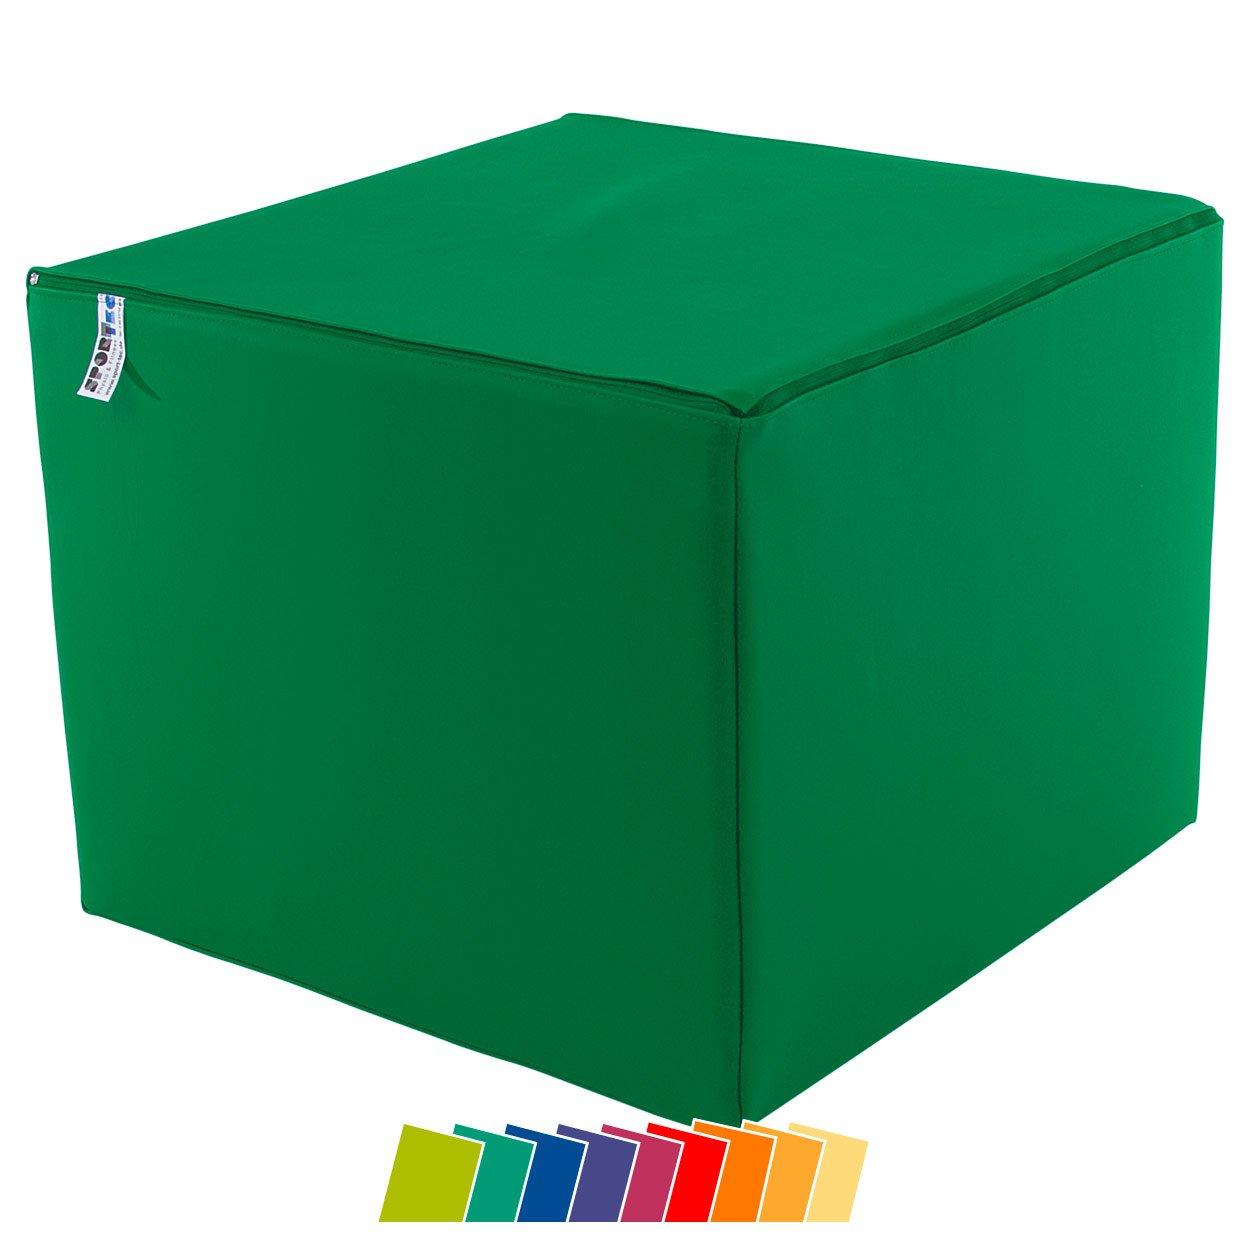 Positurkissen Lagerungswürfel Bandscheibenwürfel mit festem Kern, 50x50x40 cm